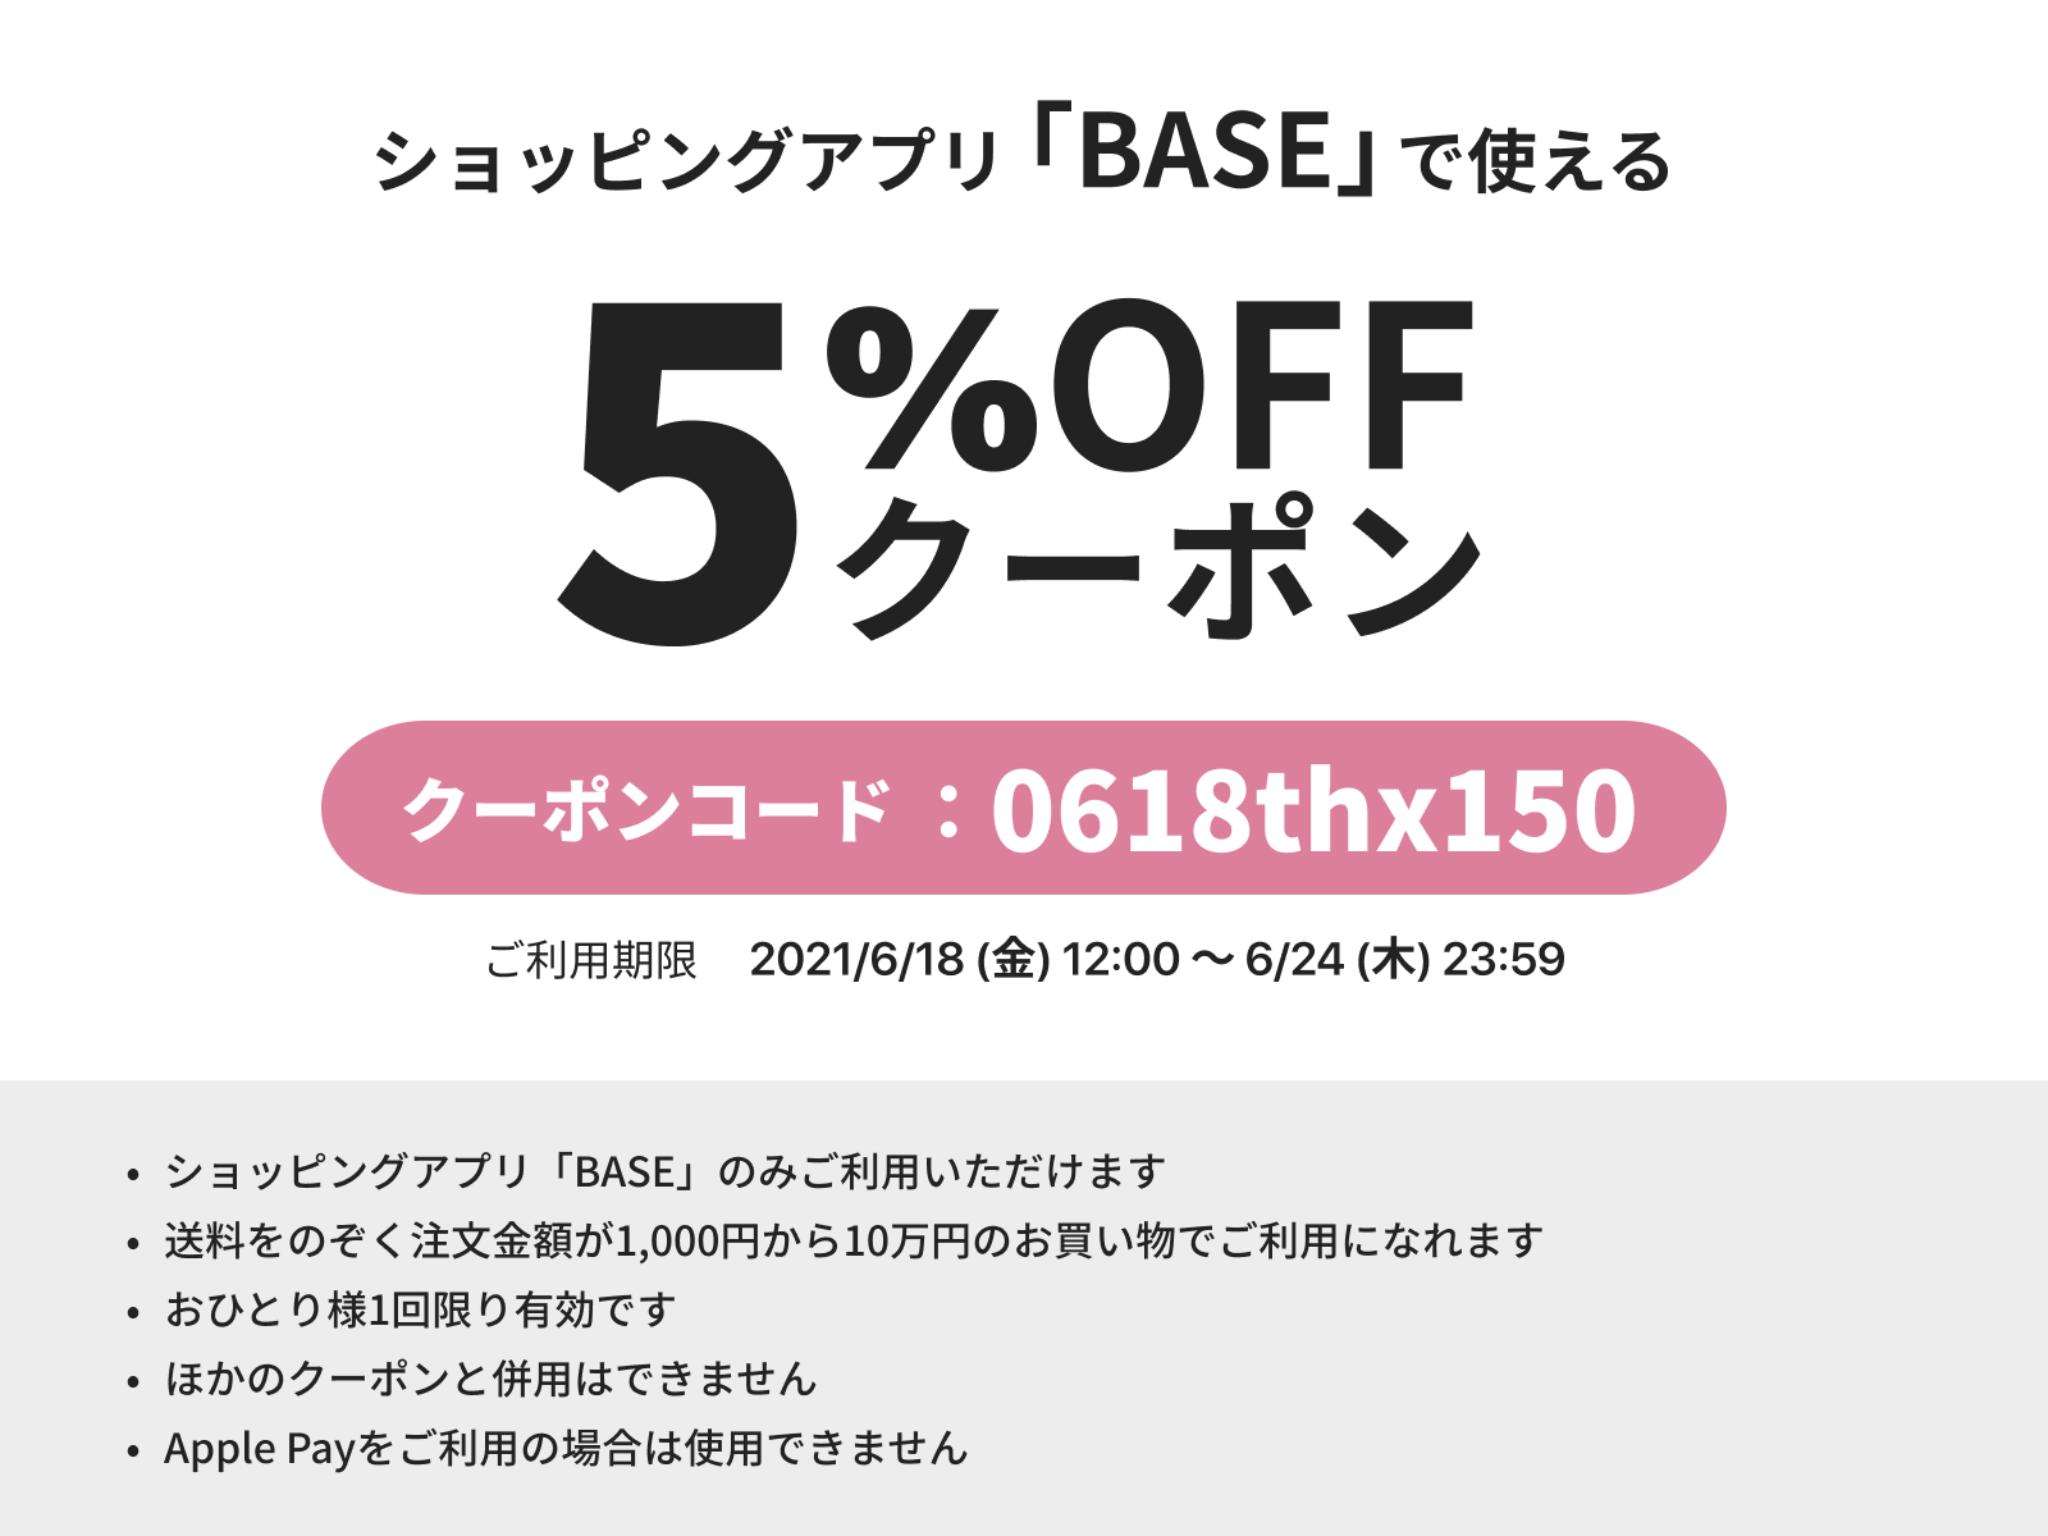 【6/18~6/24 期間限定!】 5%OFFクーポン